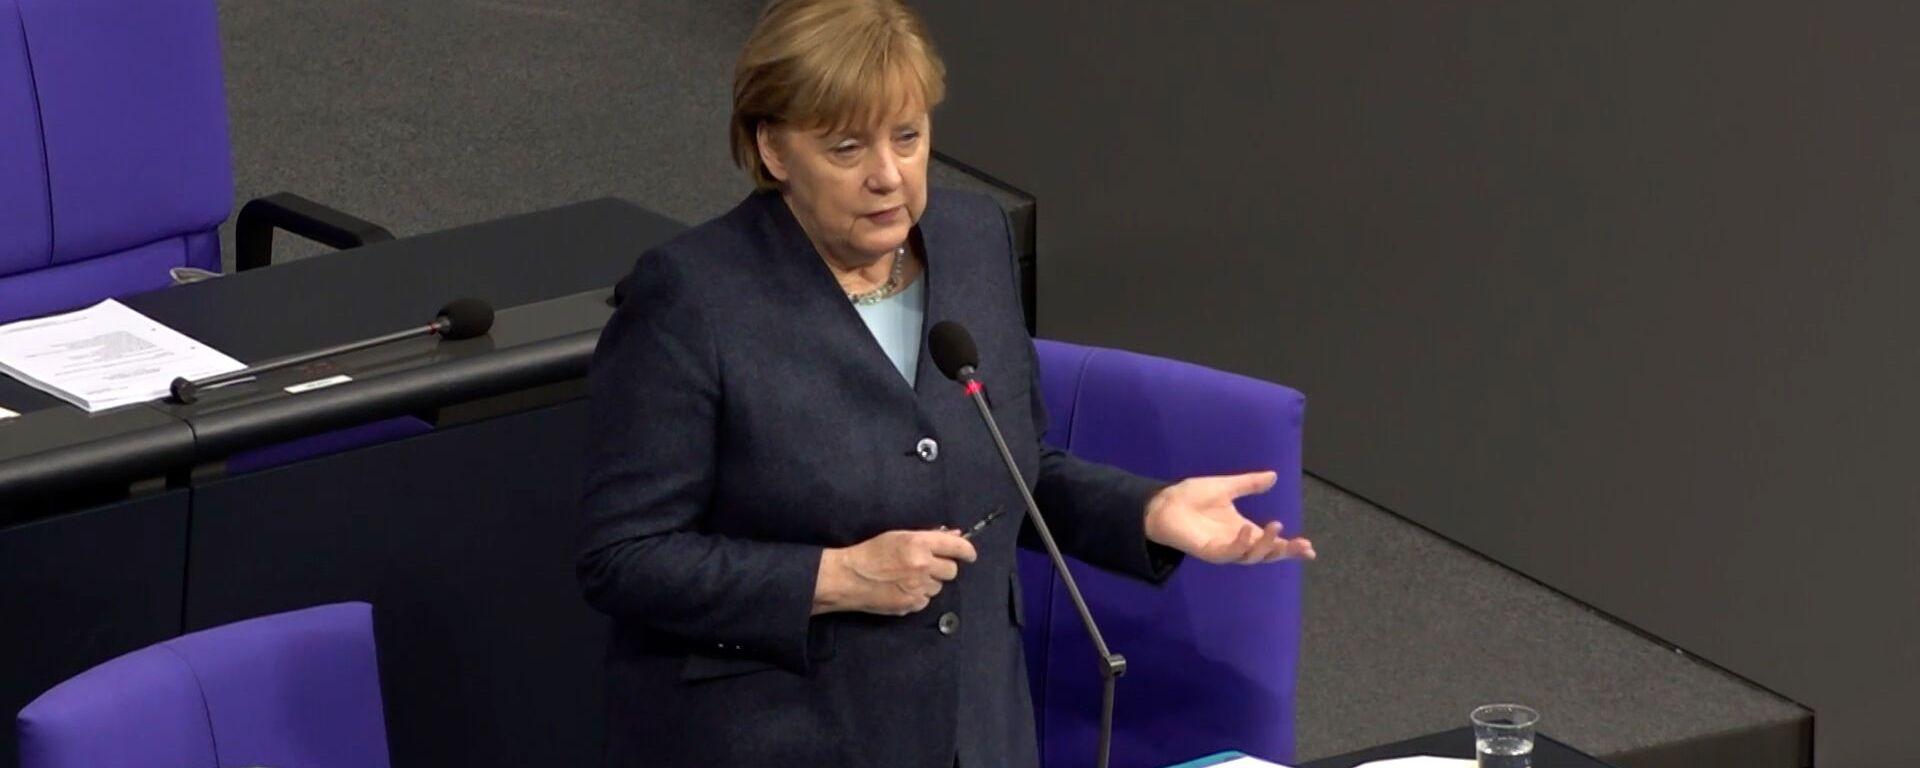 Меркель рассказала, какими хочет видеть отношения с Россией - Sputnik Грузия, 1920, 18.12.2020